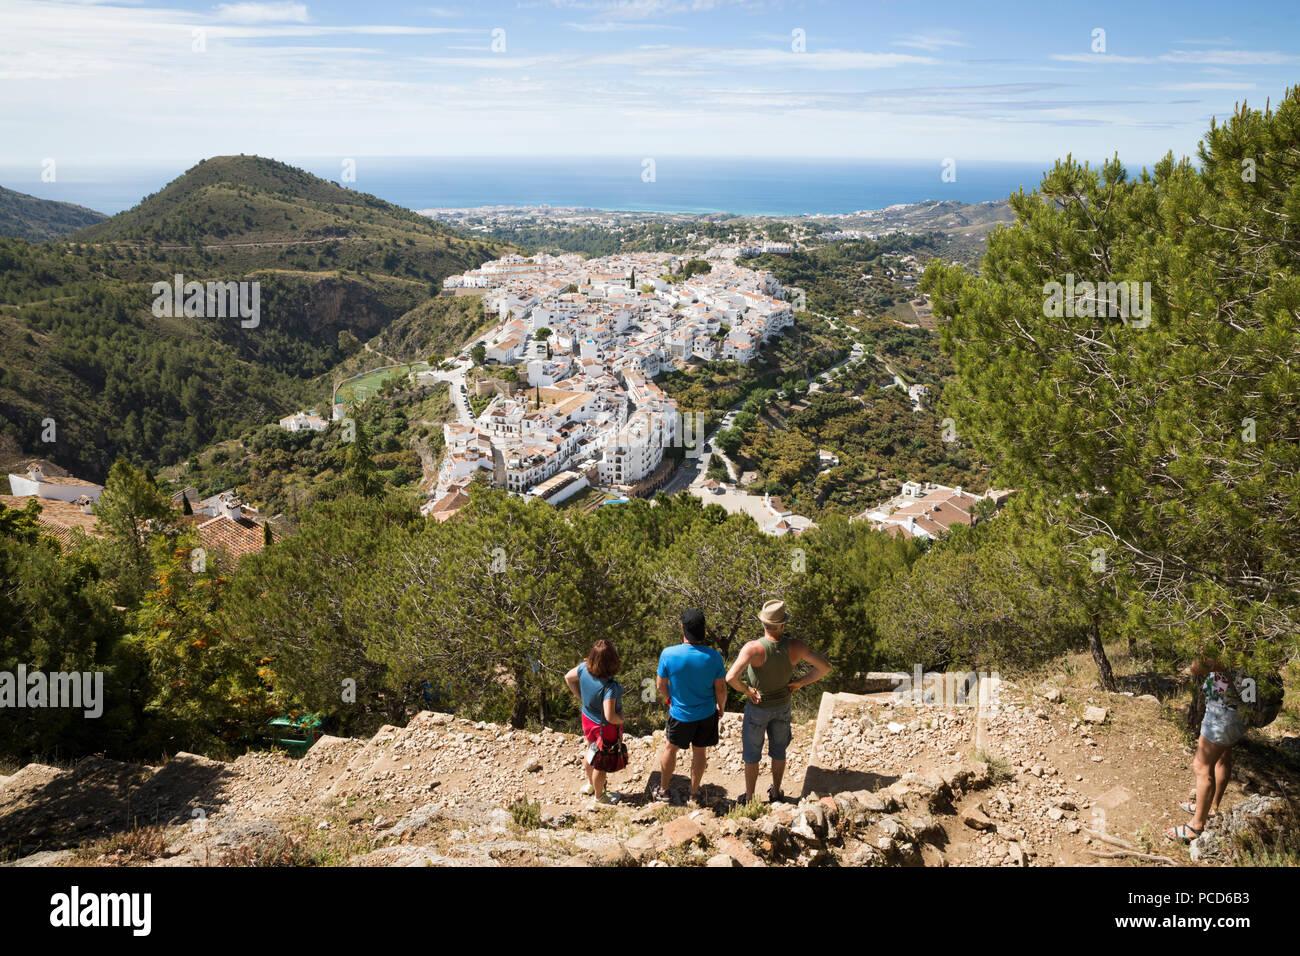 Vista su bianco villaggio andaluso con vista al mare, Frigiliana, provincia di Malaga, Costa del Sol, Andalusia, Spagna, Europa Immagini Stock